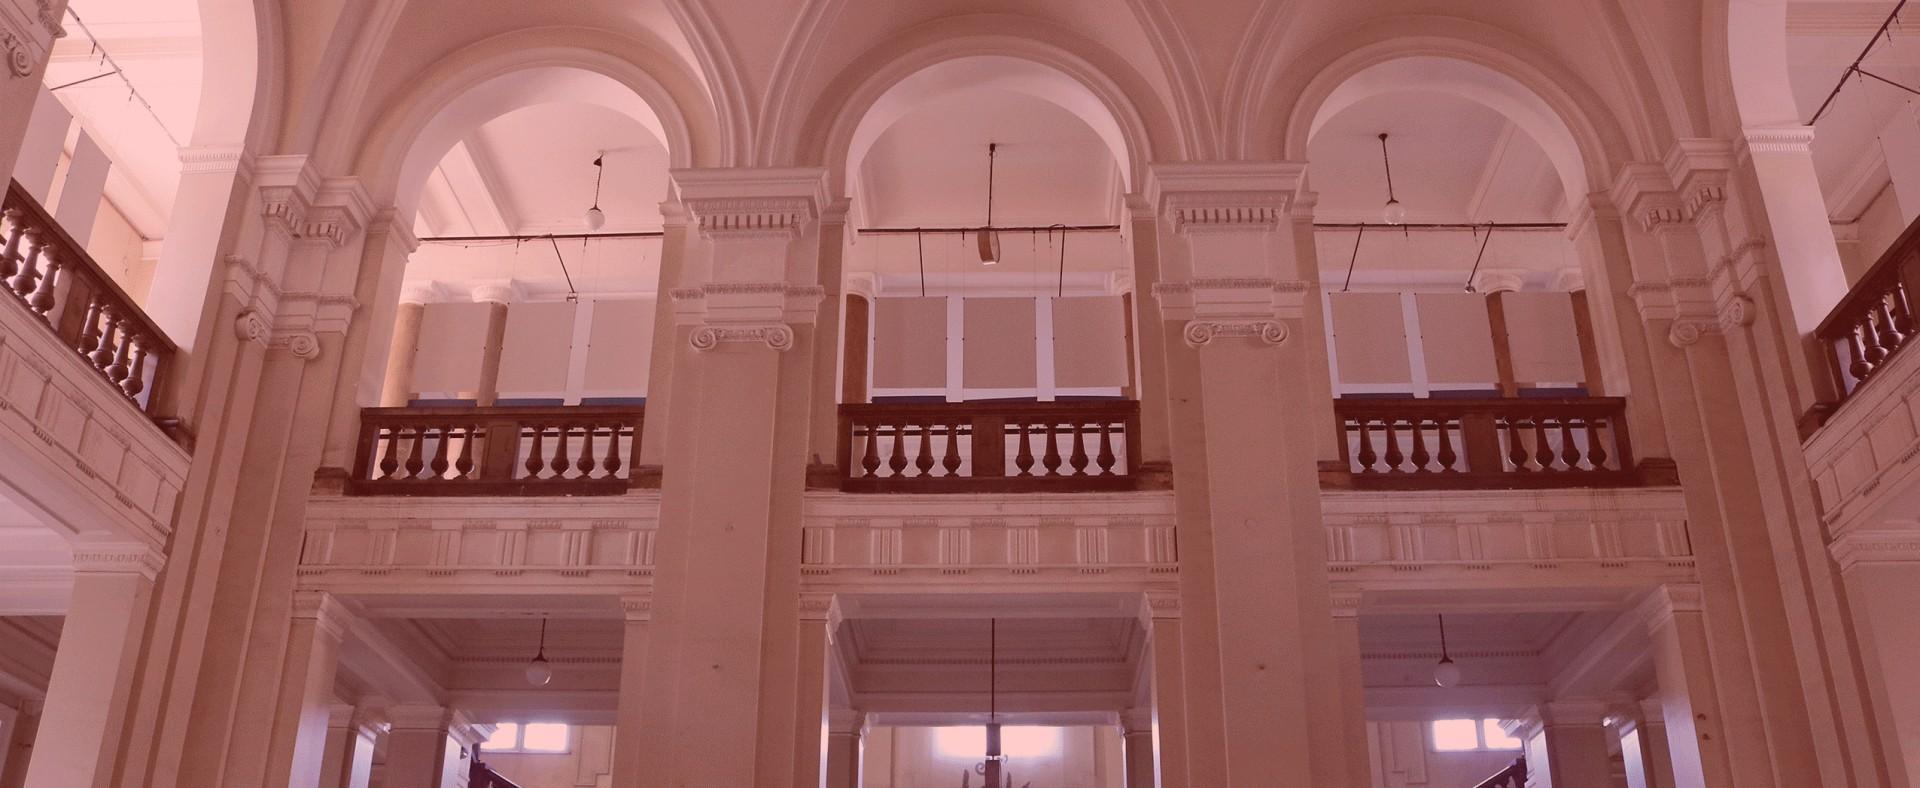 Дан школе и Слава Архитектонског факултета 2019.